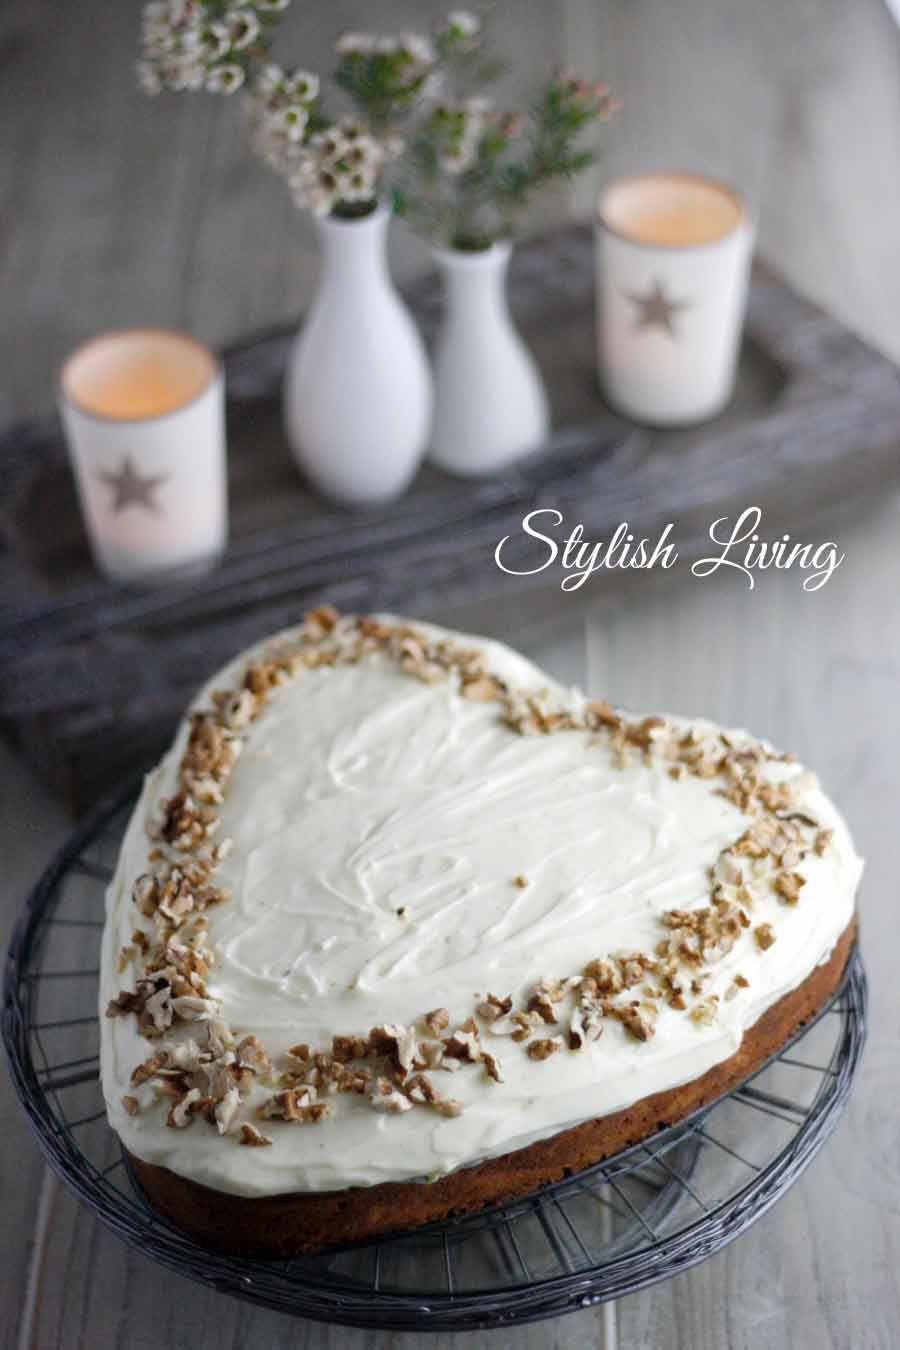 Der weltbeste Karottenkuchen, da kann der carrot cake von Starbucks nicht mithalten! #starbuckscake